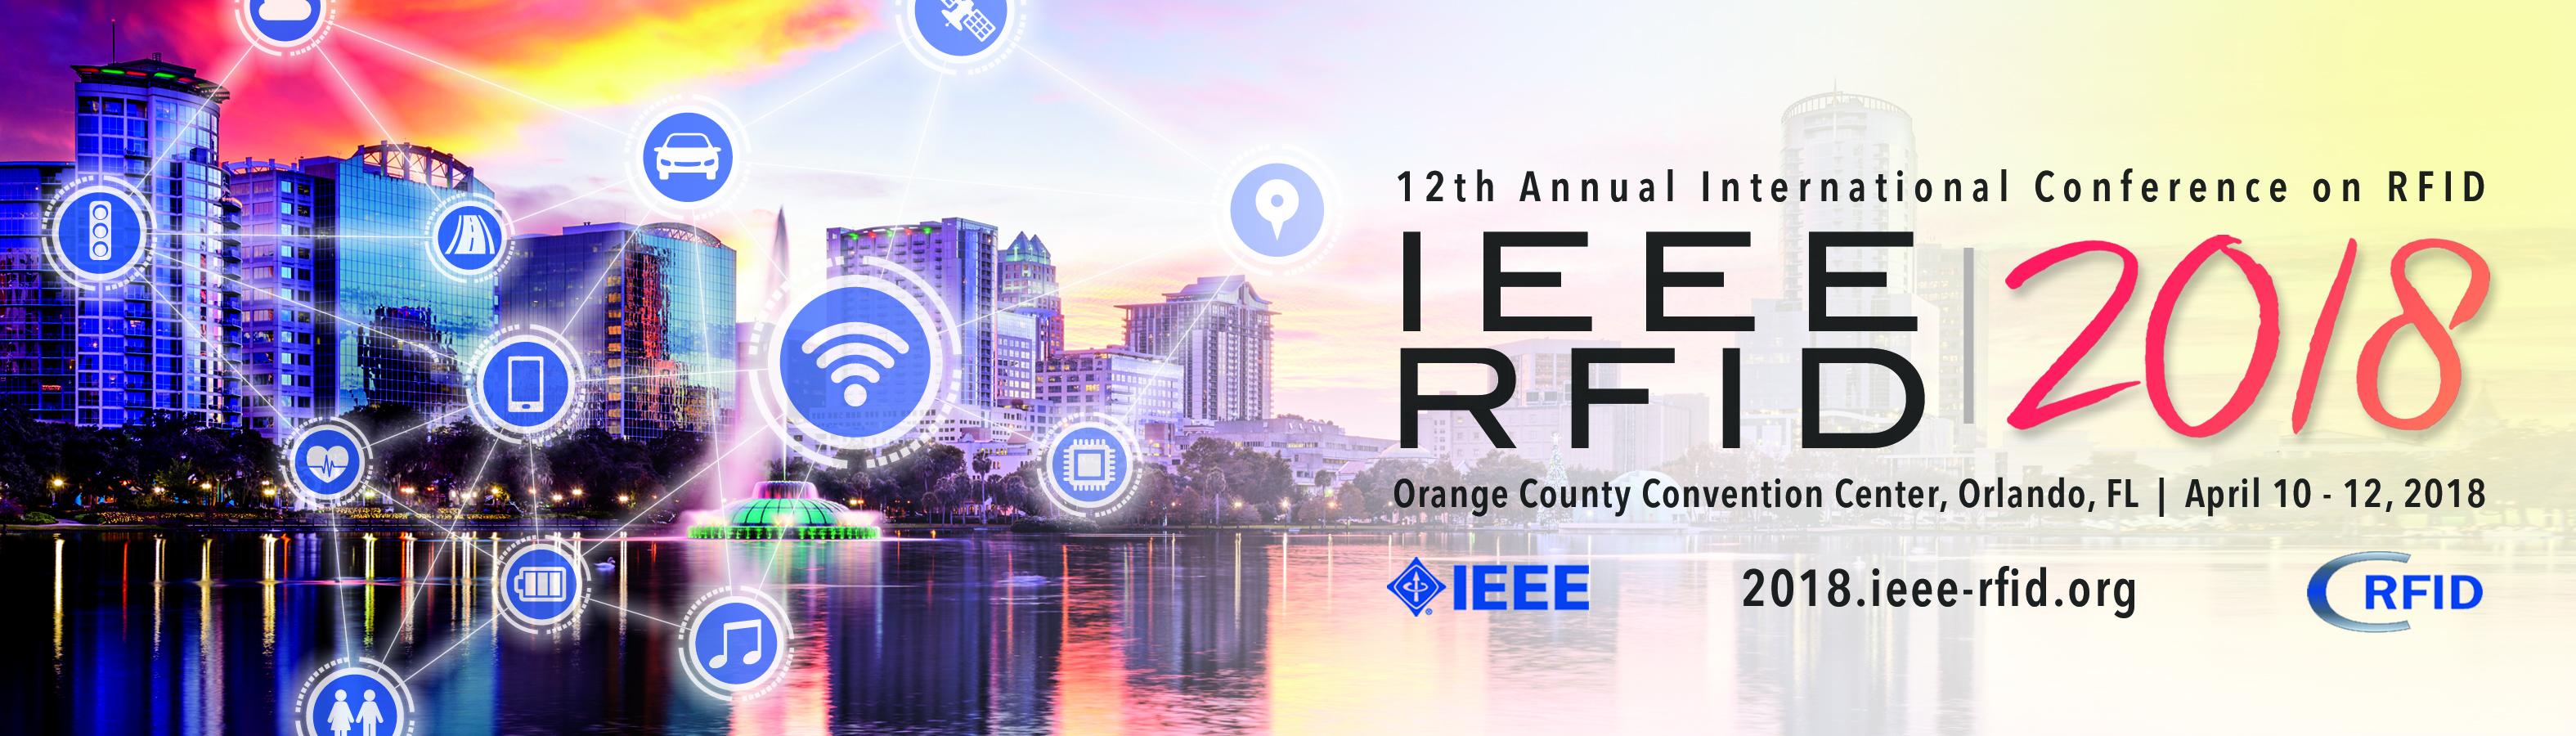 IEEE RFID 2018